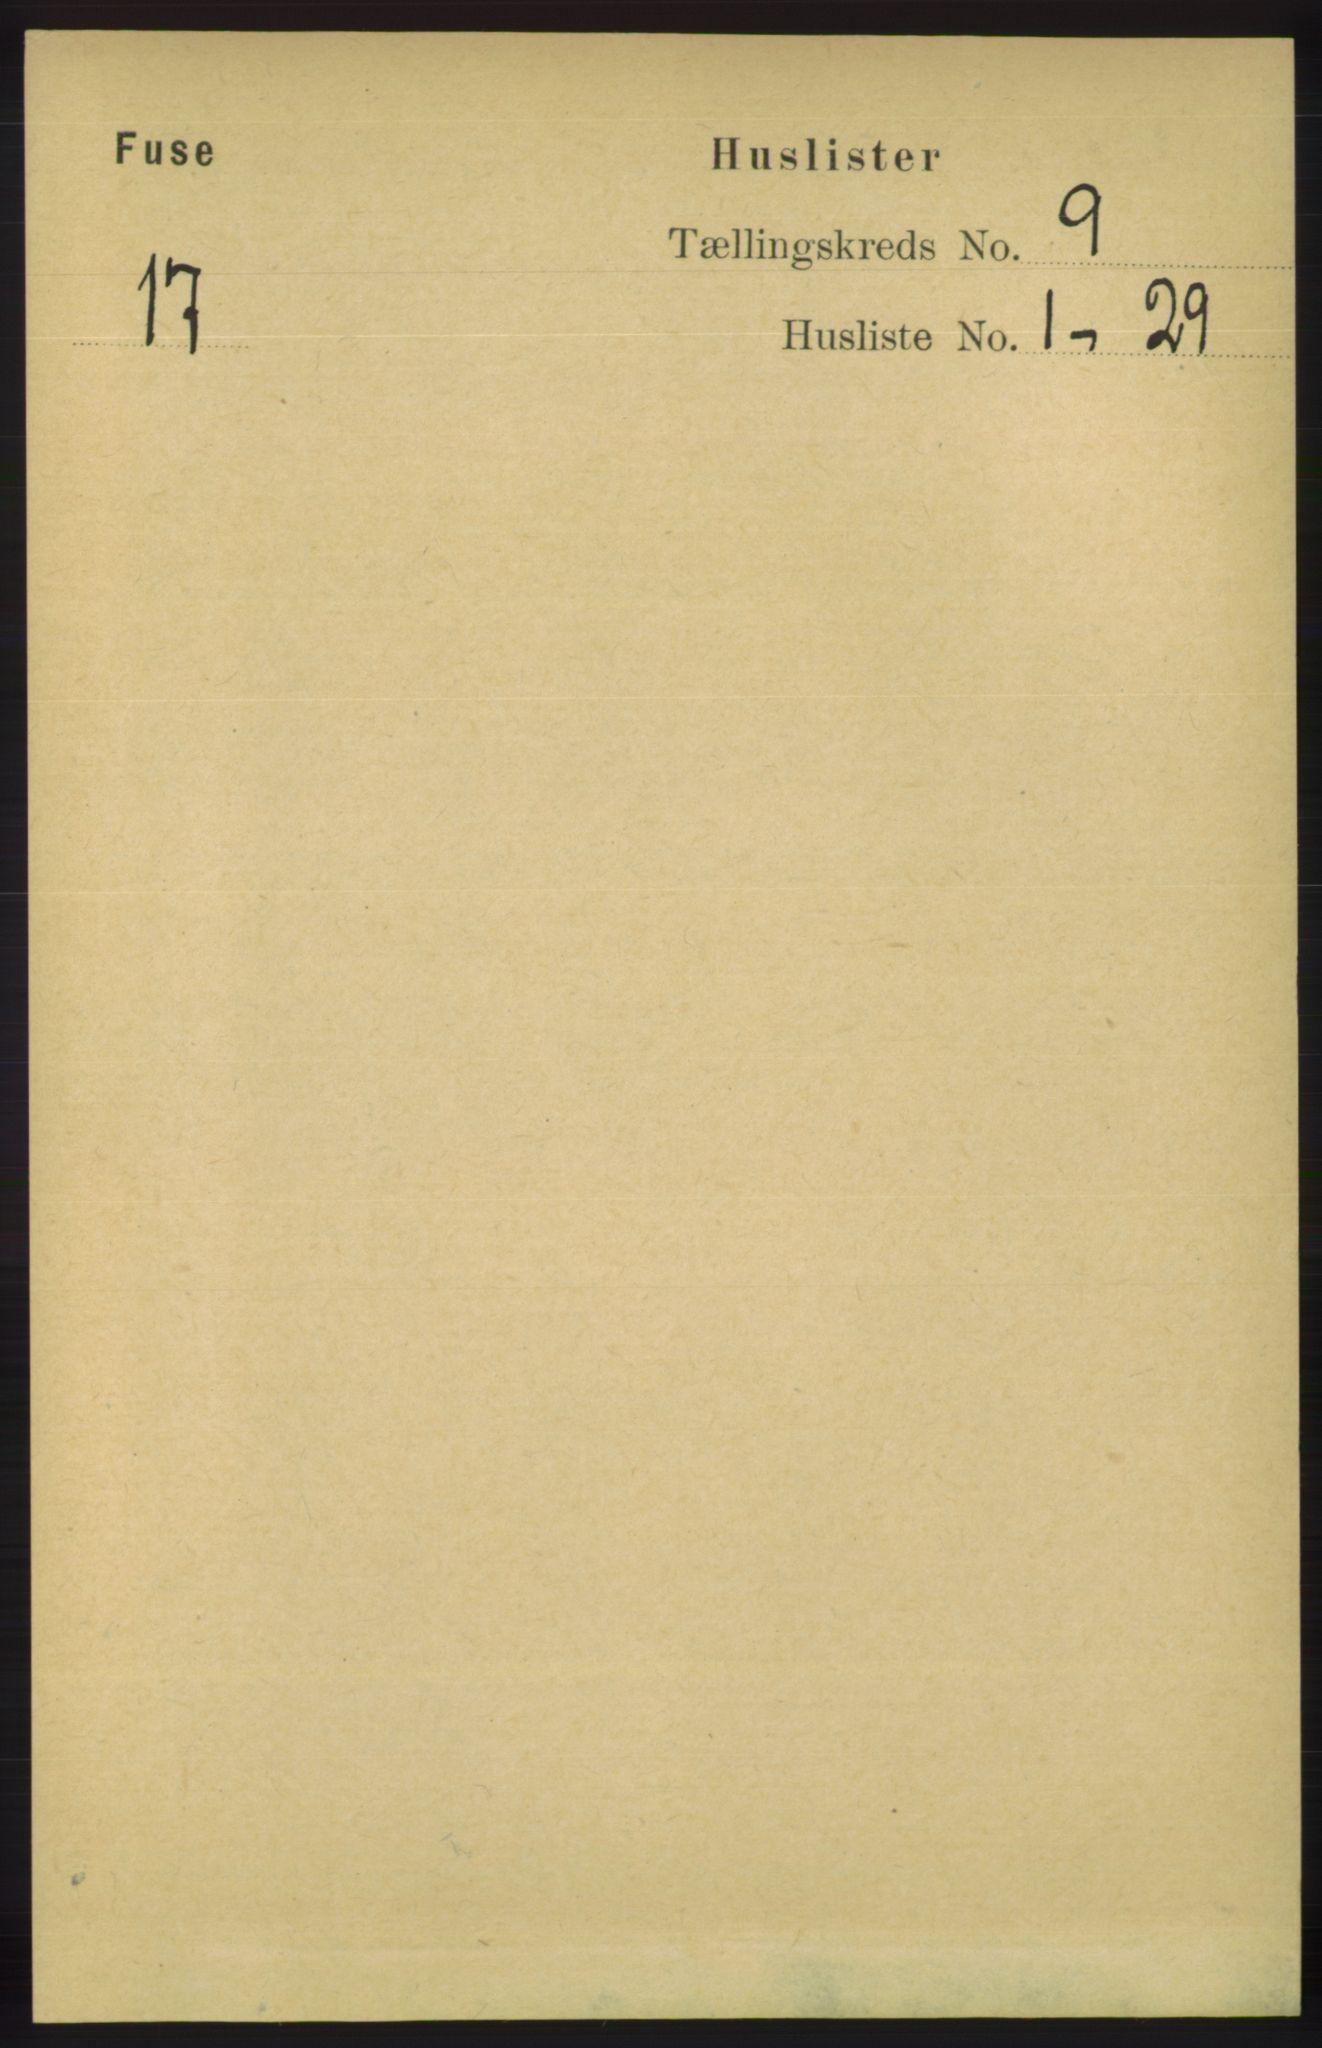 RA, Folketelling 1891 for 1241 Fusa herred, 1891, s. 1660